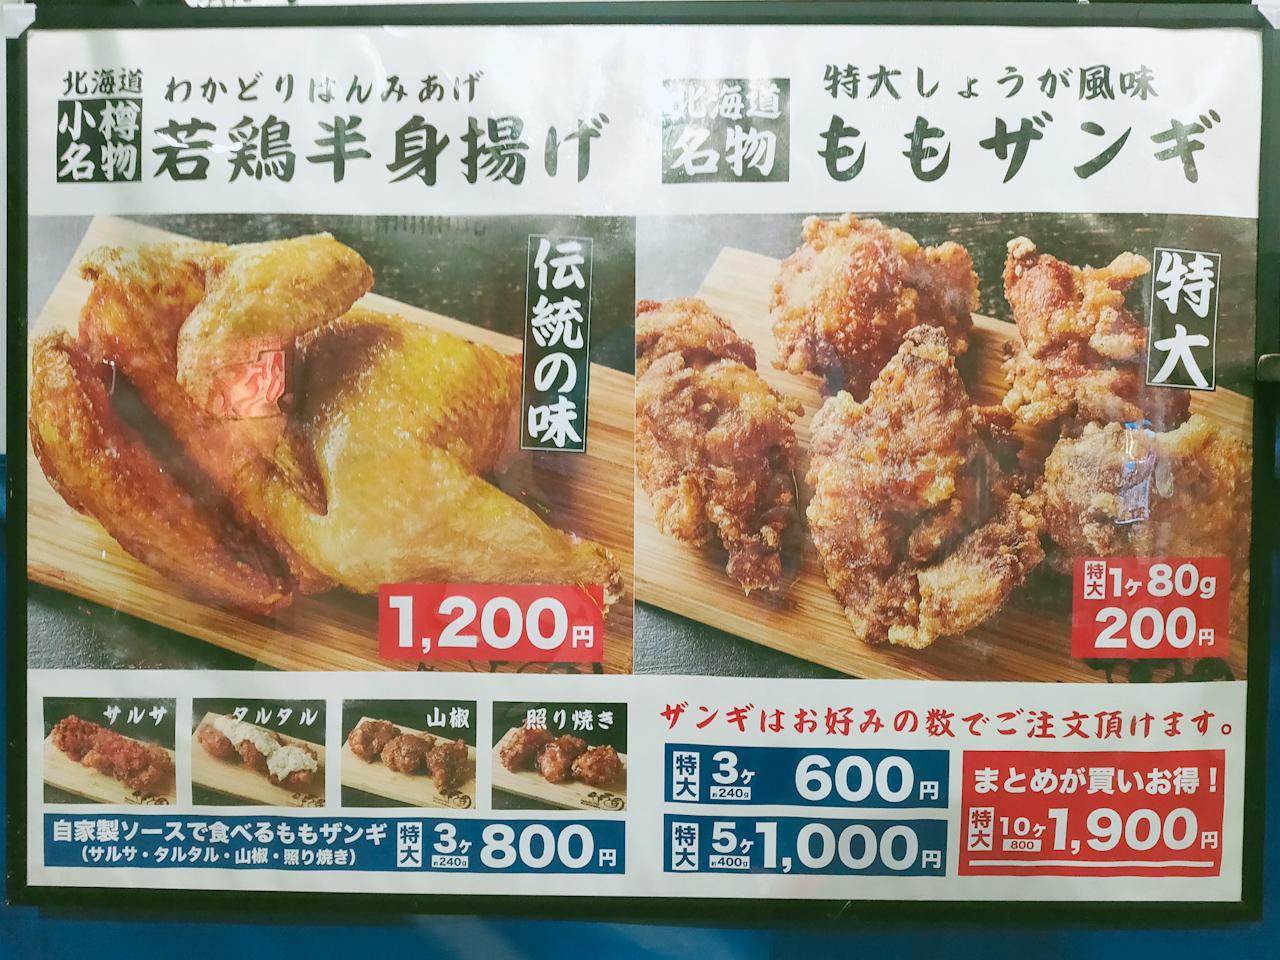 小樽のソウルフード「若鶏半身揚げ」と「ザンギ」を提供